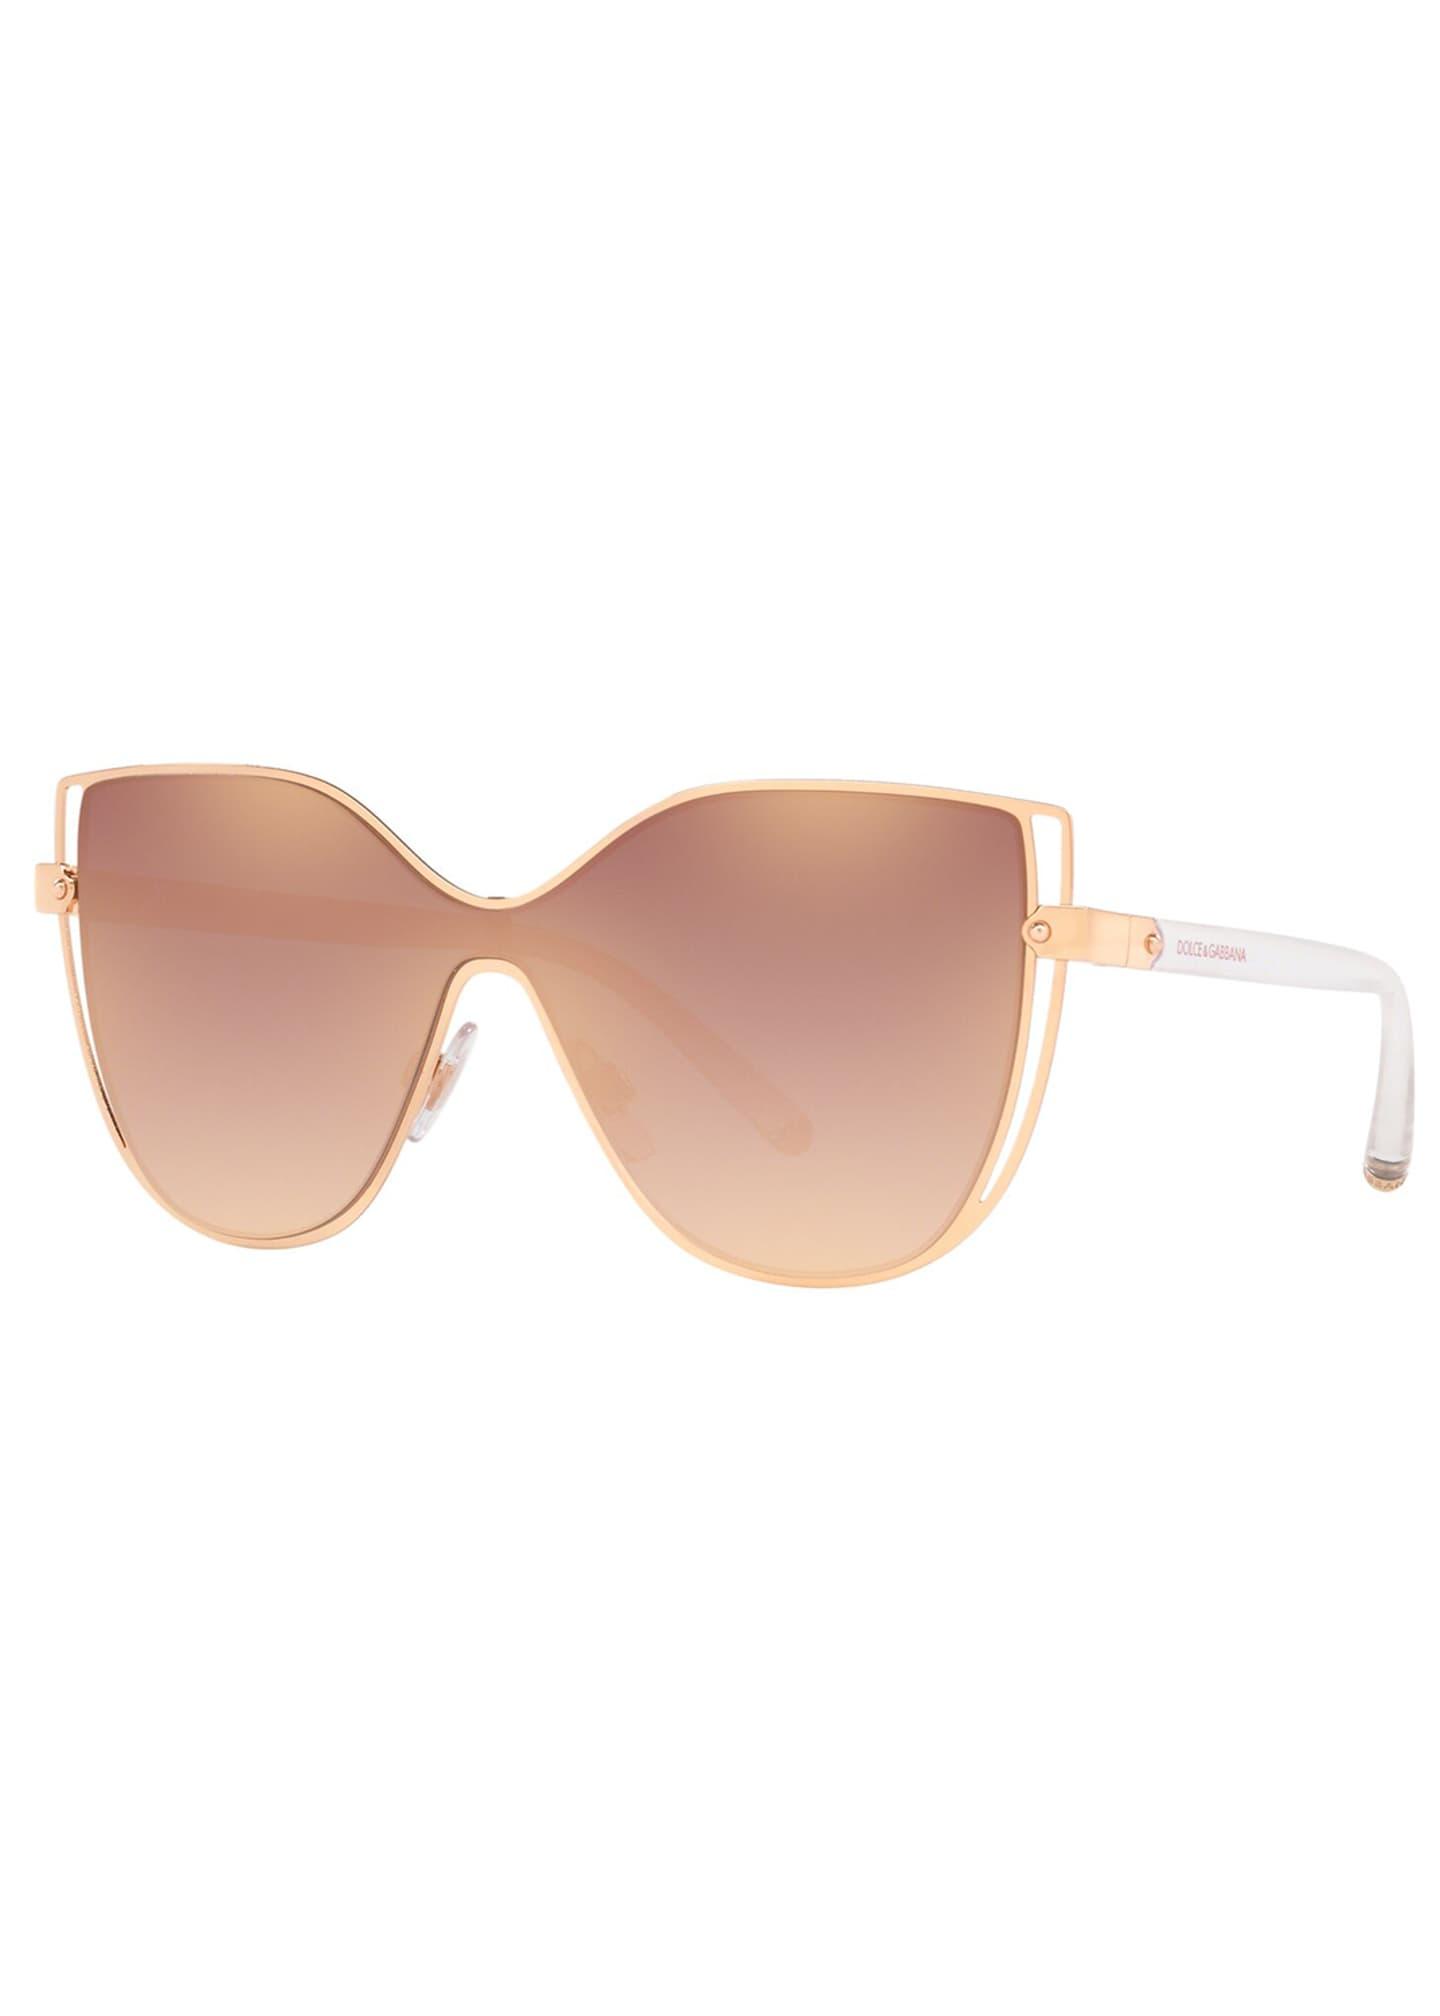 Dolce & Gabbana Metal Butterfly Shield Sunglasses w/